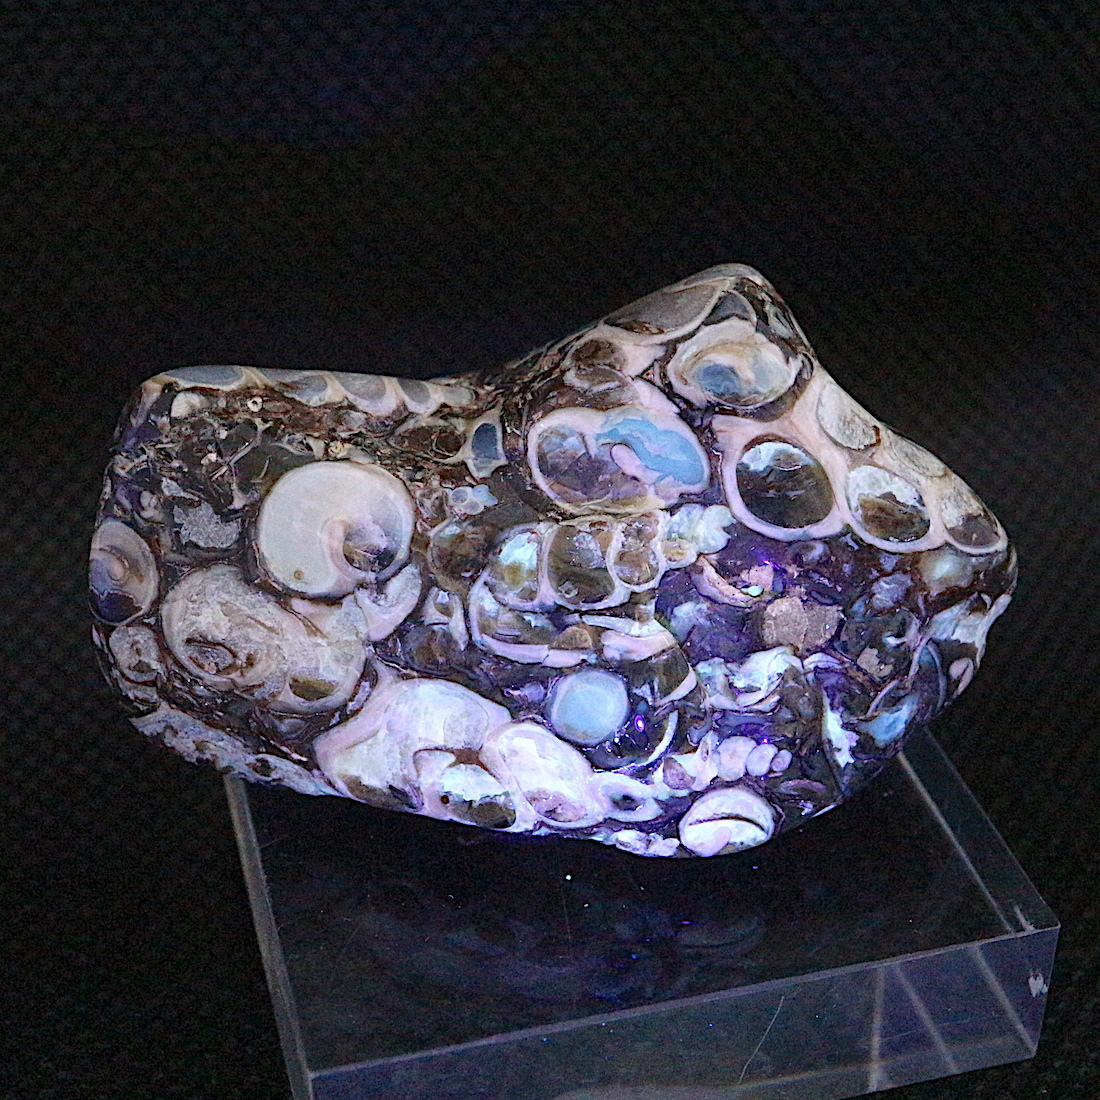 ツリテラ アゲート 研磨 化石 巻貝 瑪瑙   原石 37,2g TRL005 鉱物 天然石 パワーストーン